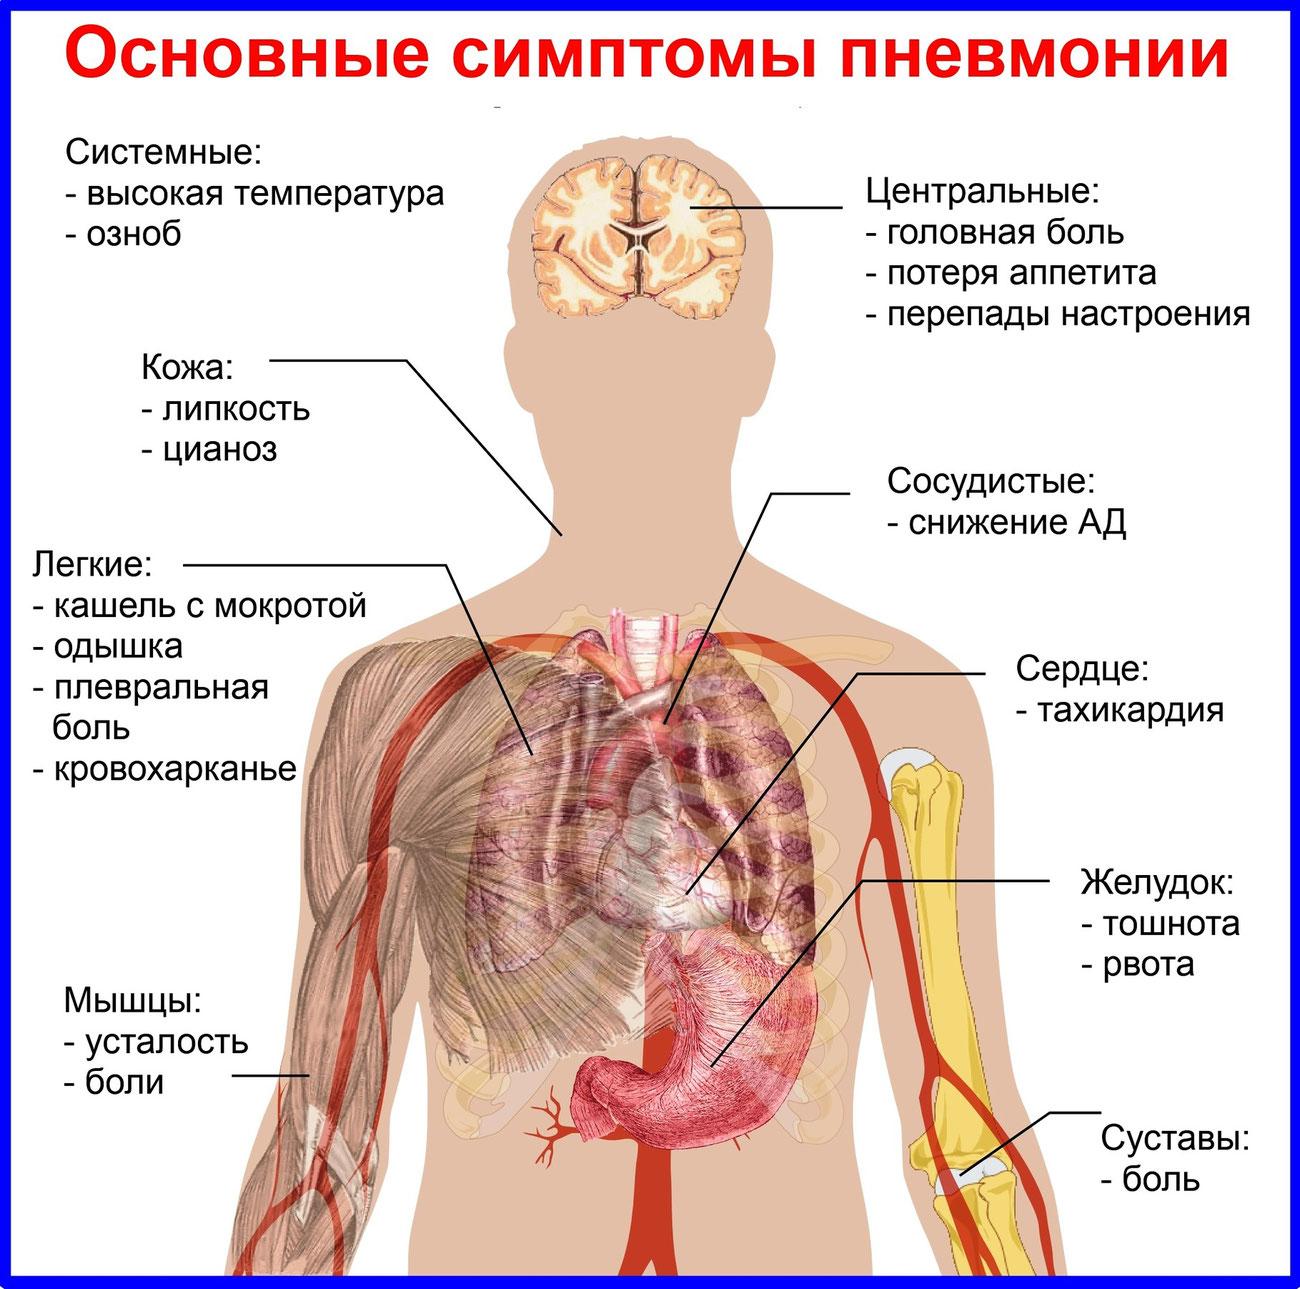 Пневмония легких лечение в домашних условиях